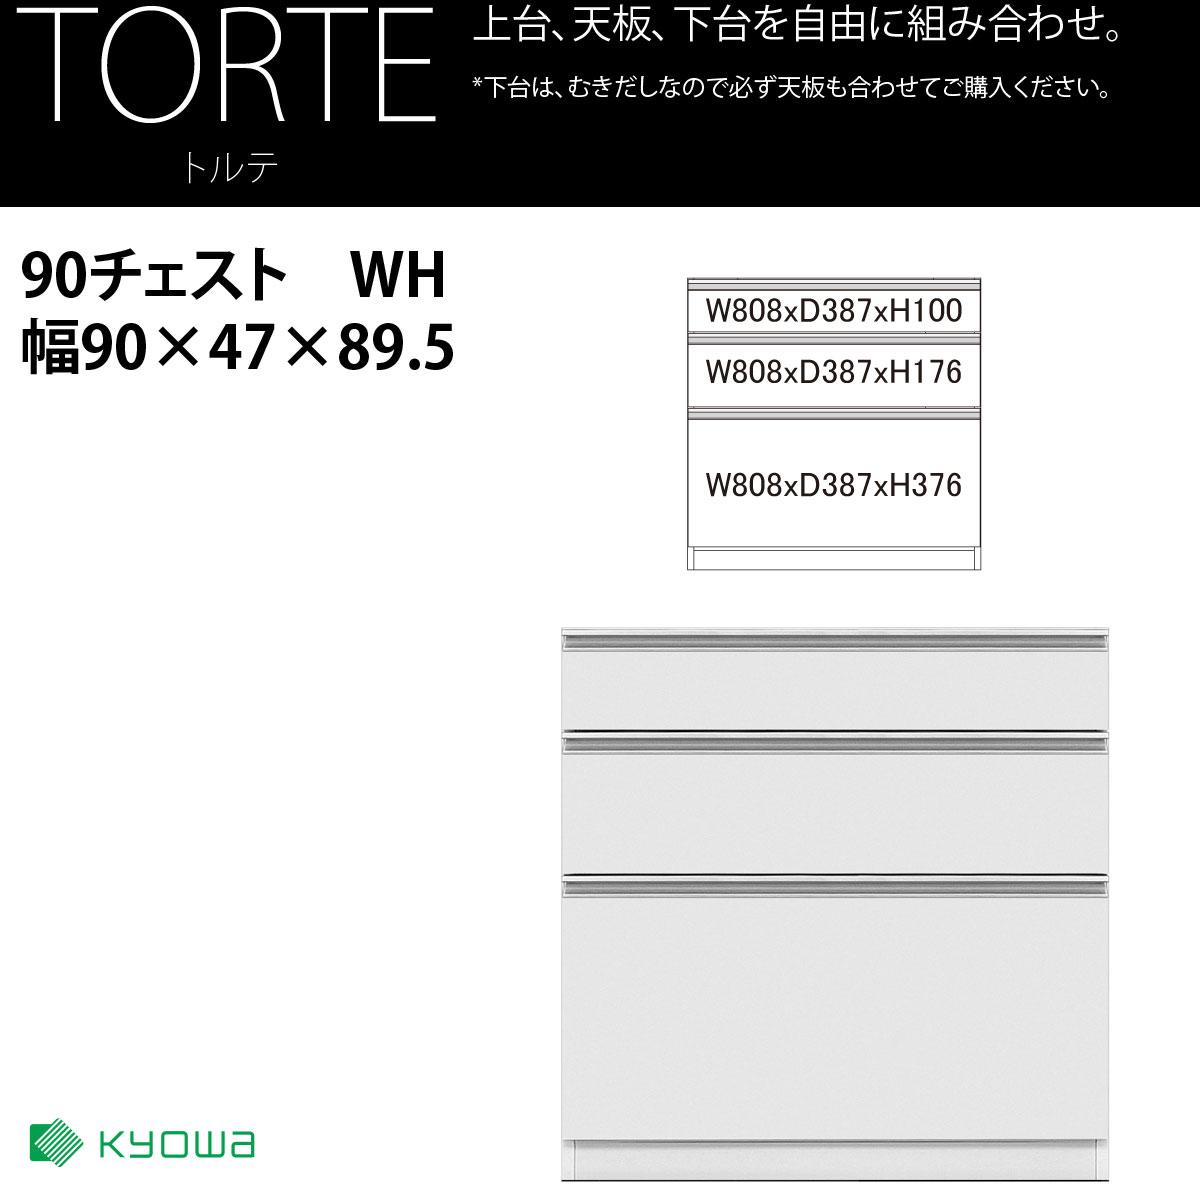 共和産業 トルテ 下台 チェスト 90C ホワイト【幅90×高さ89.5cm】 日本製 国産